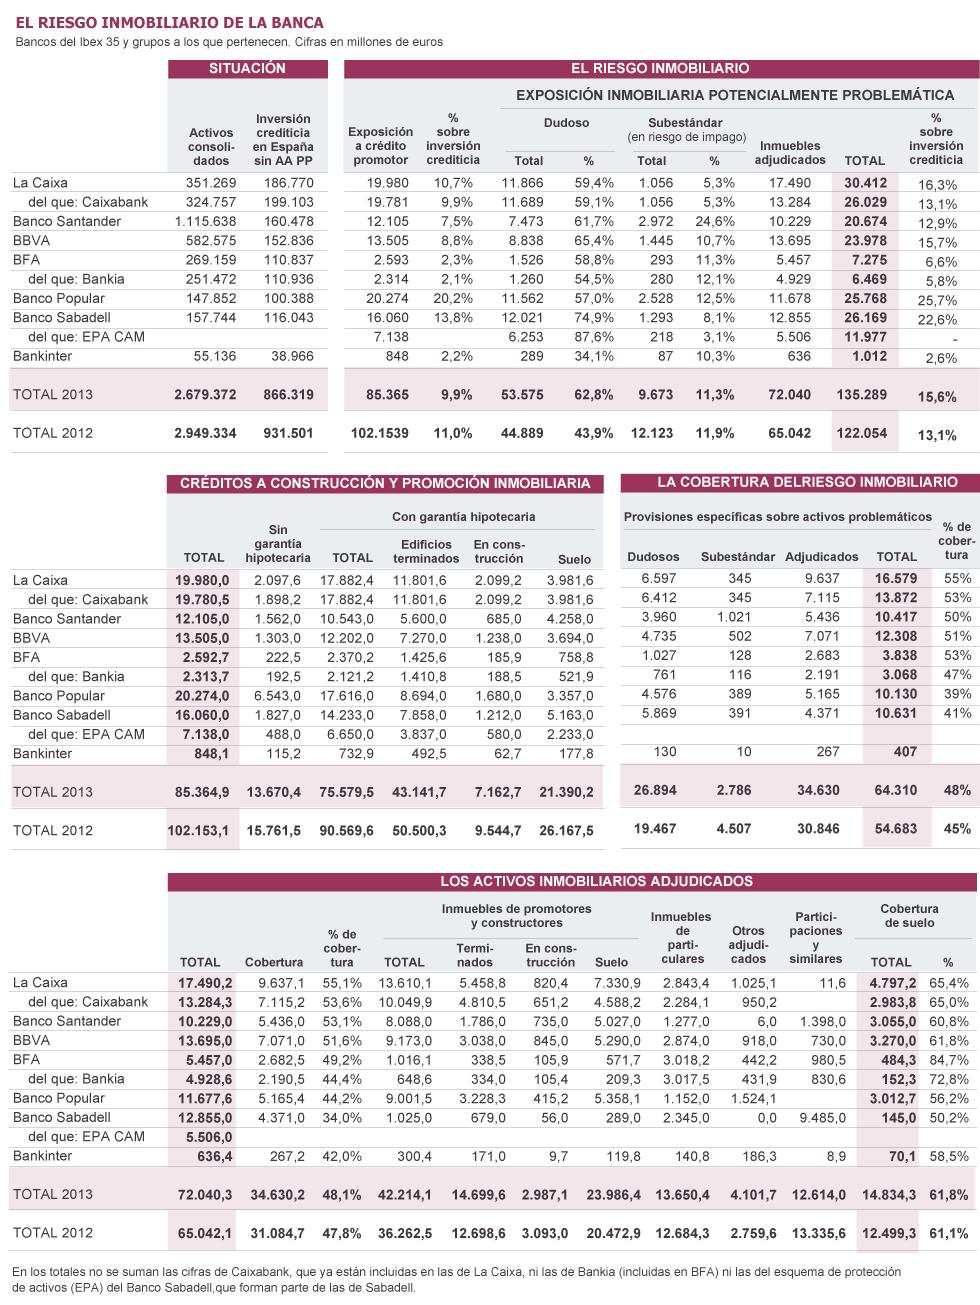 Negocio  de la banca  en España. El gobierno avala a la banca privada por otros 100.000 millones. - Página 5 1394295474_563972_1394304014_sumario_grande